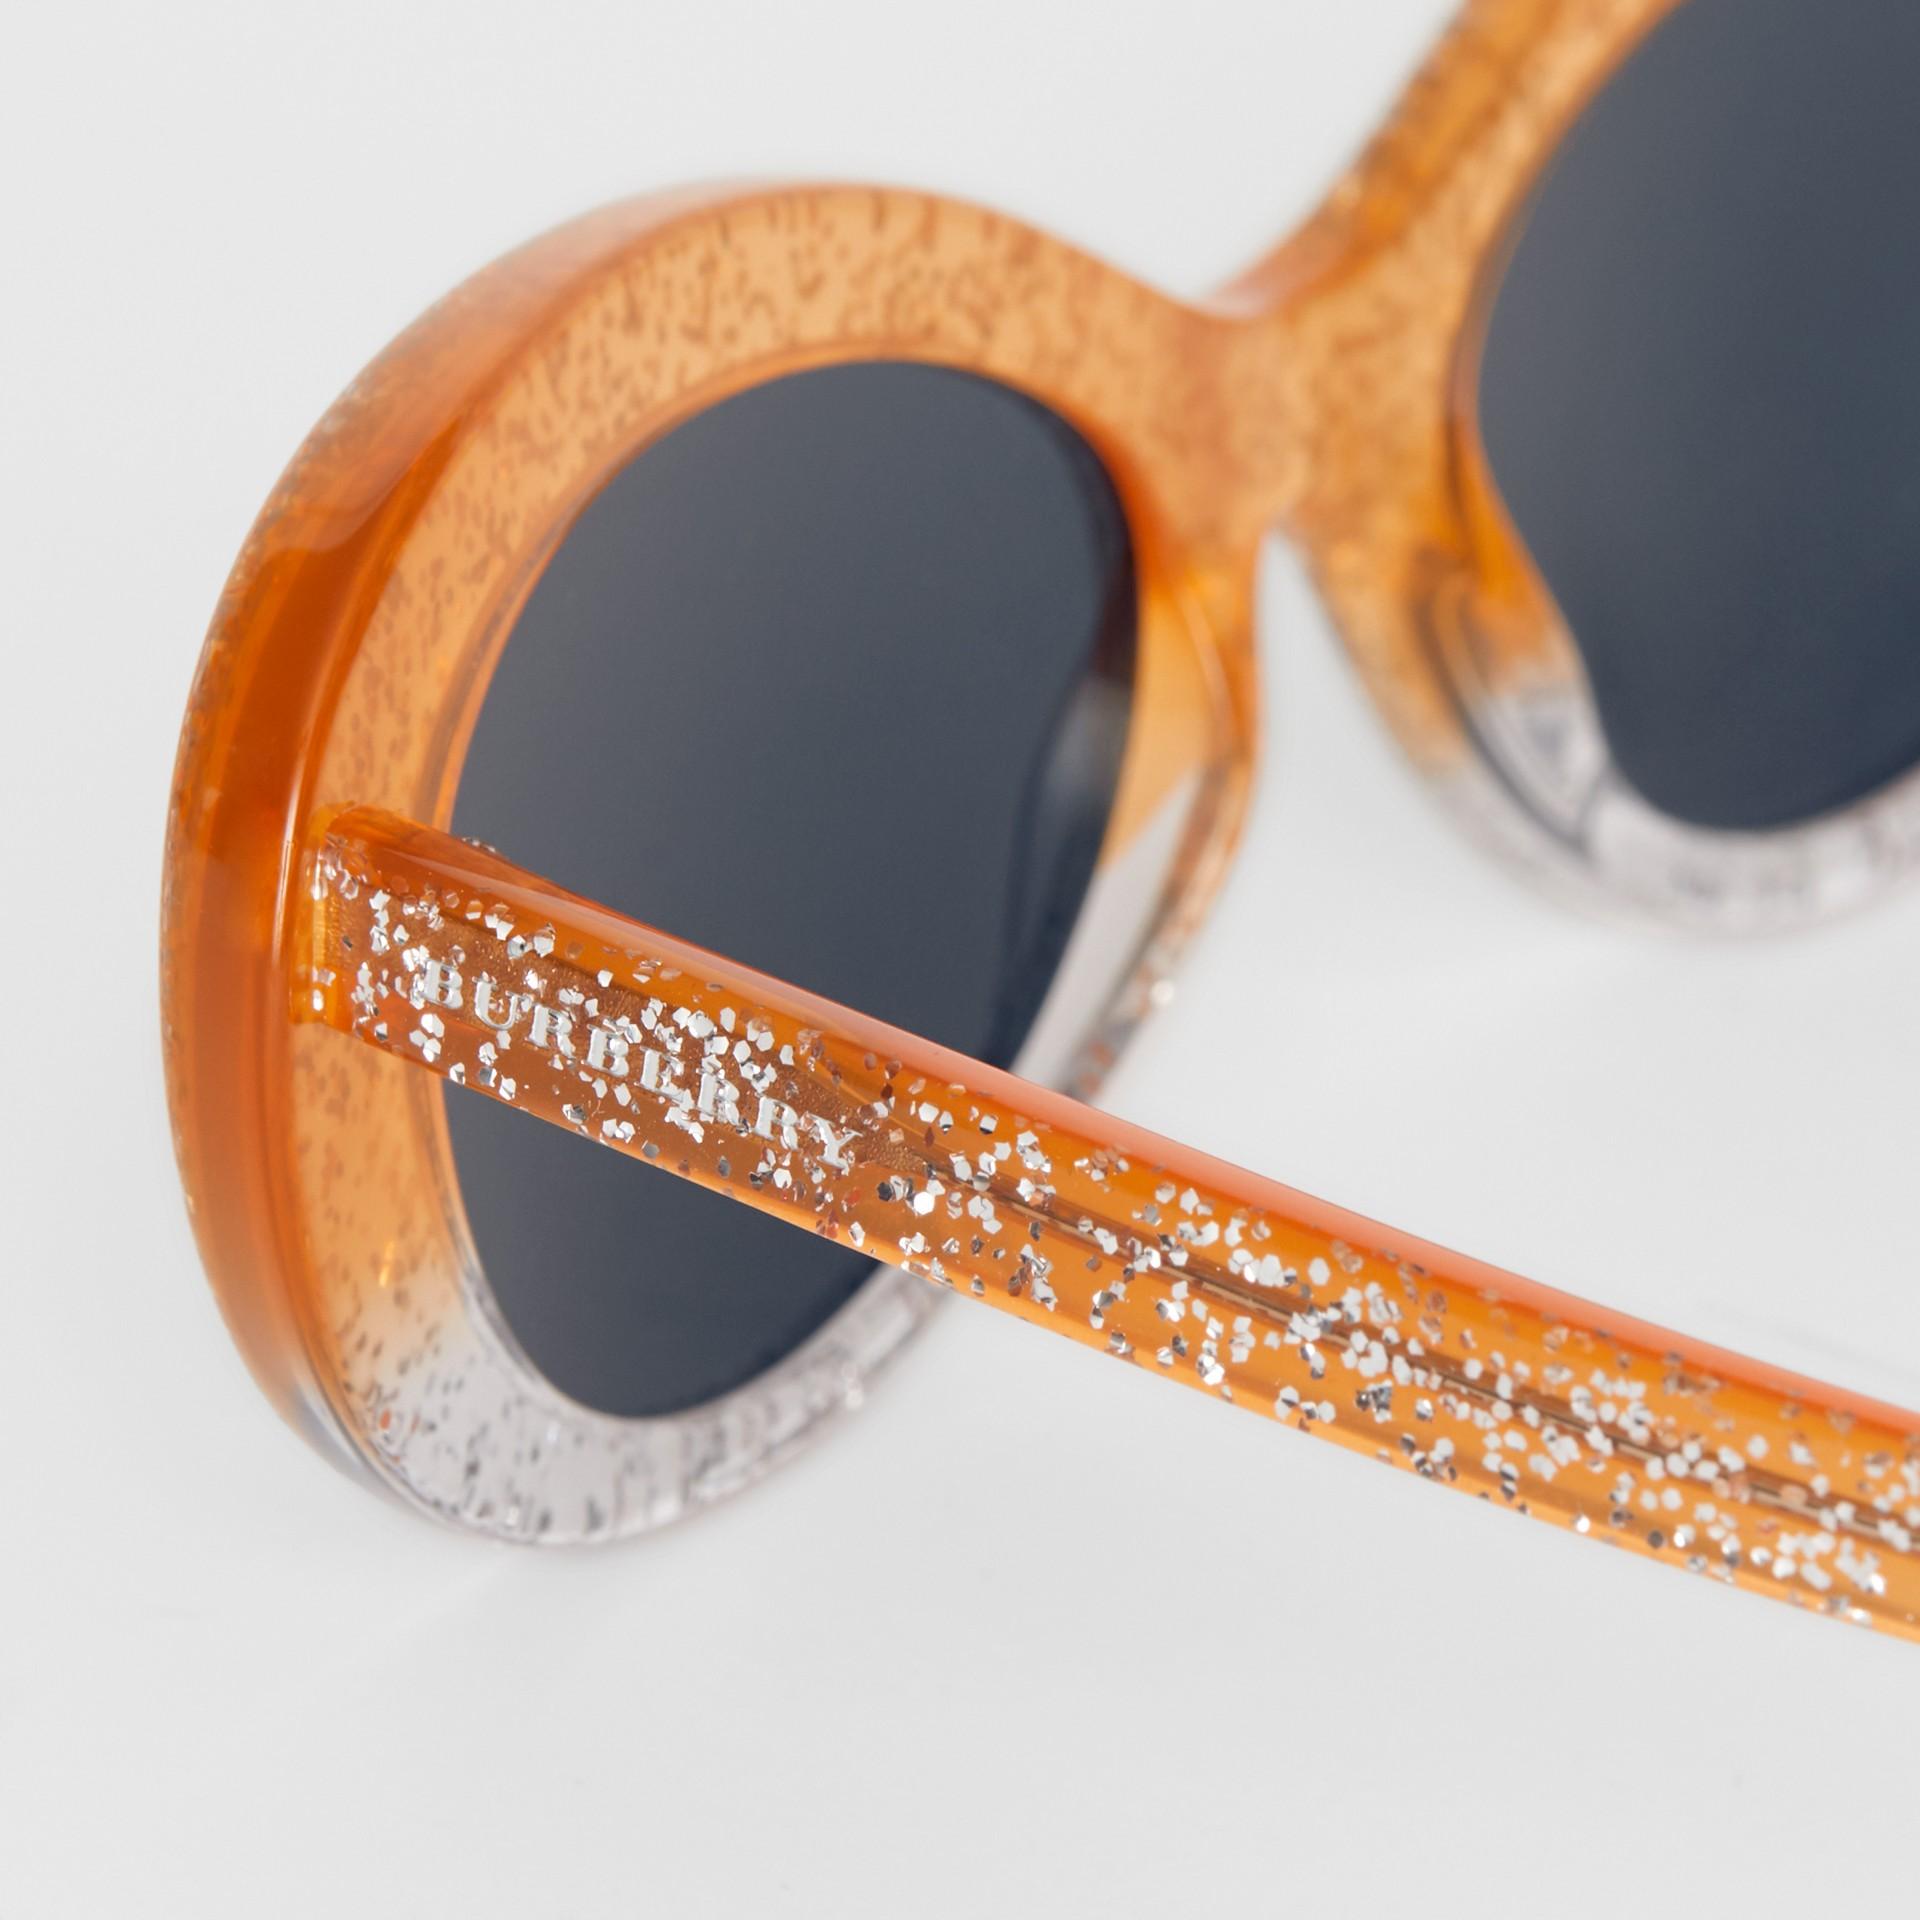 Lunettes de soleil à monture œil-de-chat avec détail pailleté (Orange) - Femme | Burberry - photo de la galerie 1